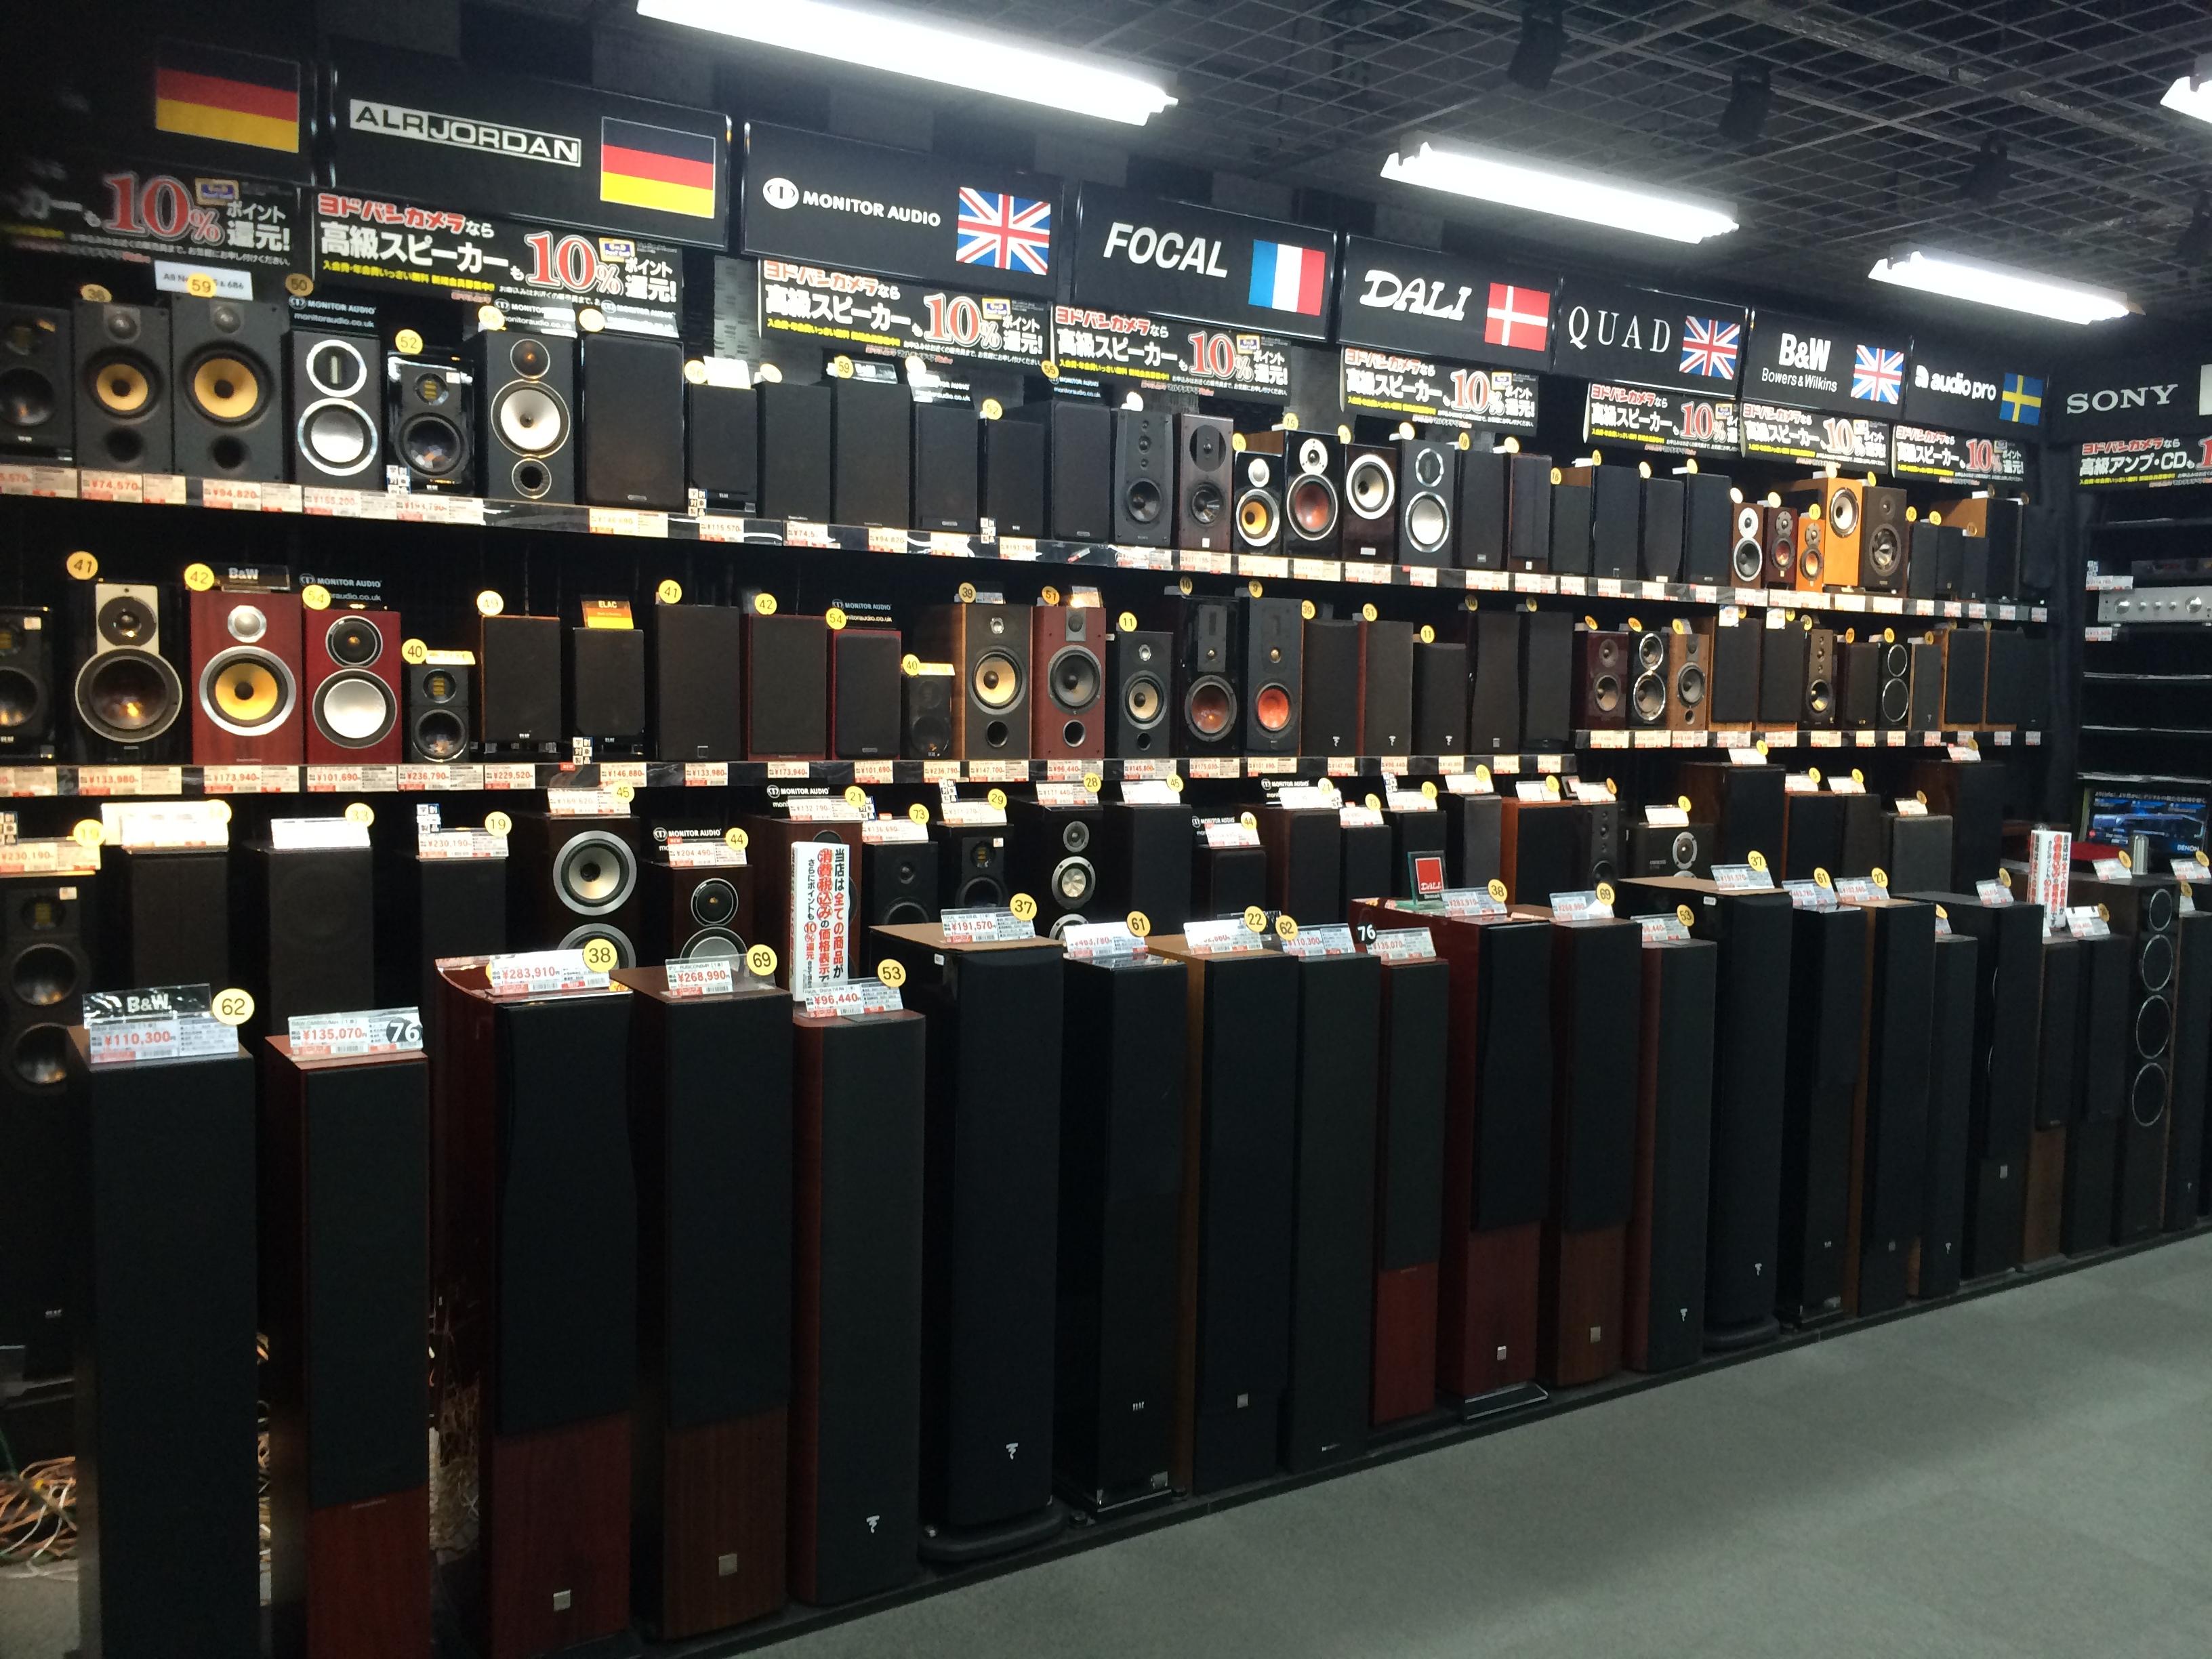 Великое множество представленных на рынке акустических систем делает процесс выбора непростой задачей